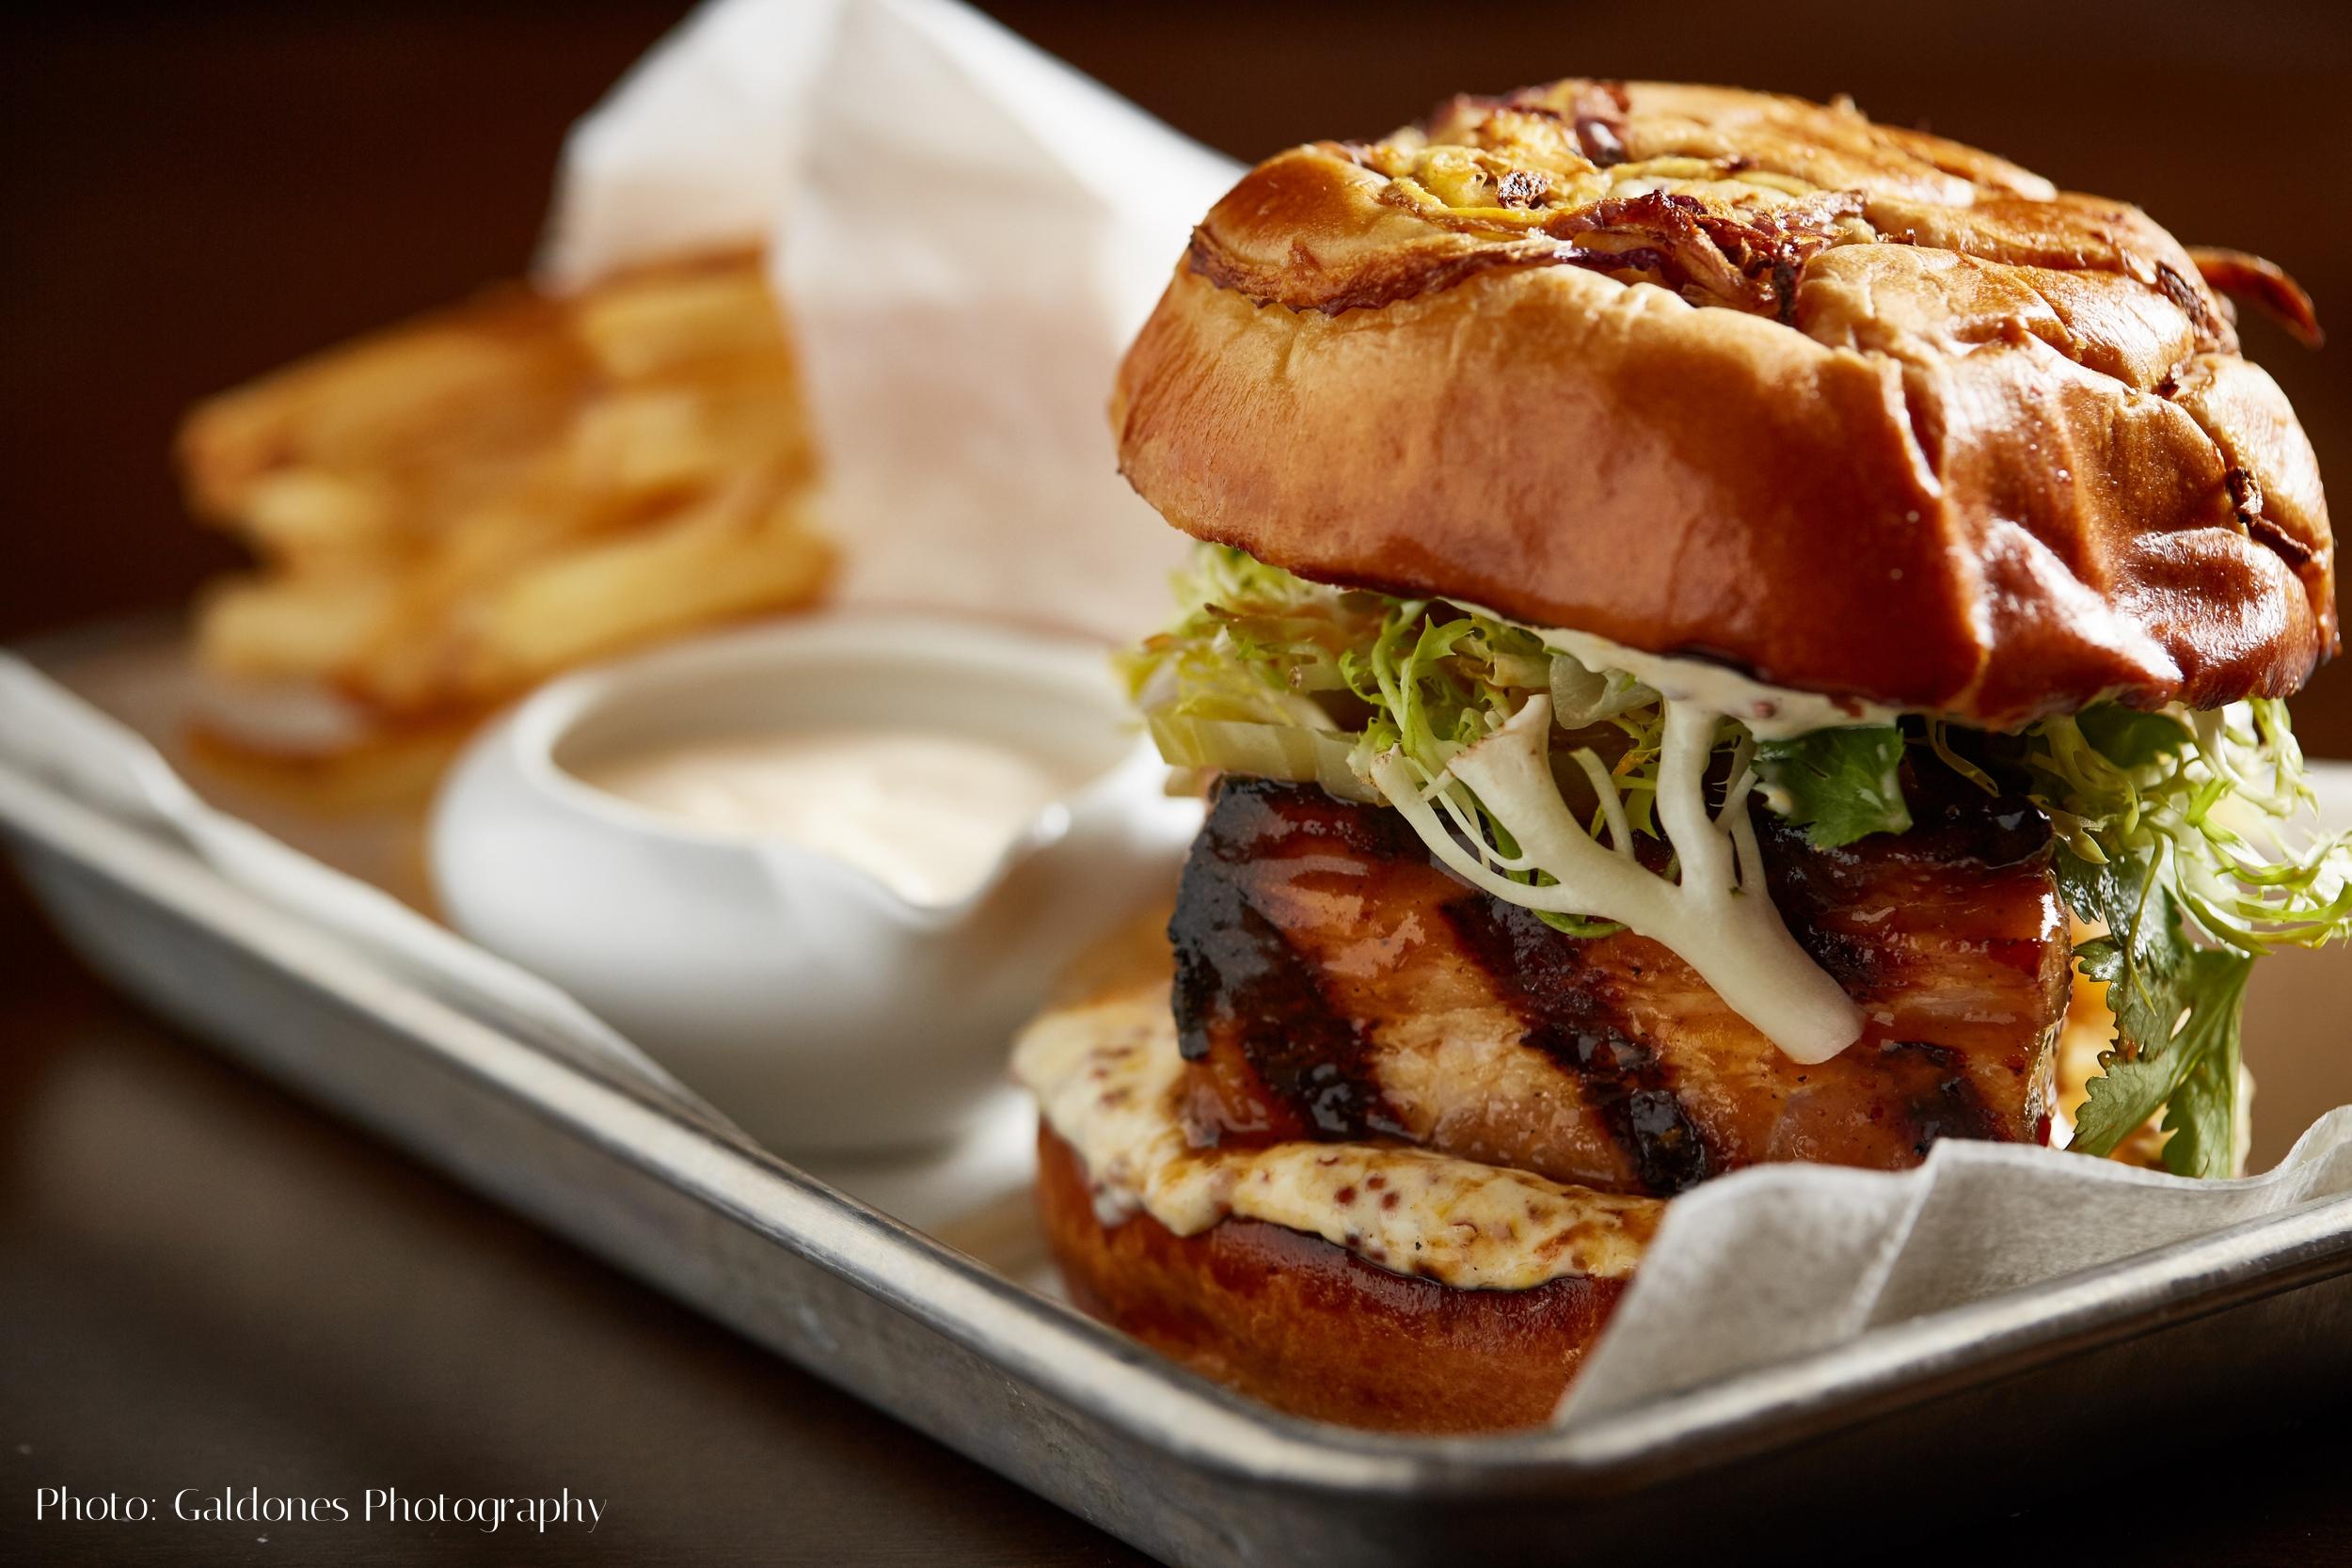 Beacon_Dinner_Pork_Sandwich_051216_HG.jpg